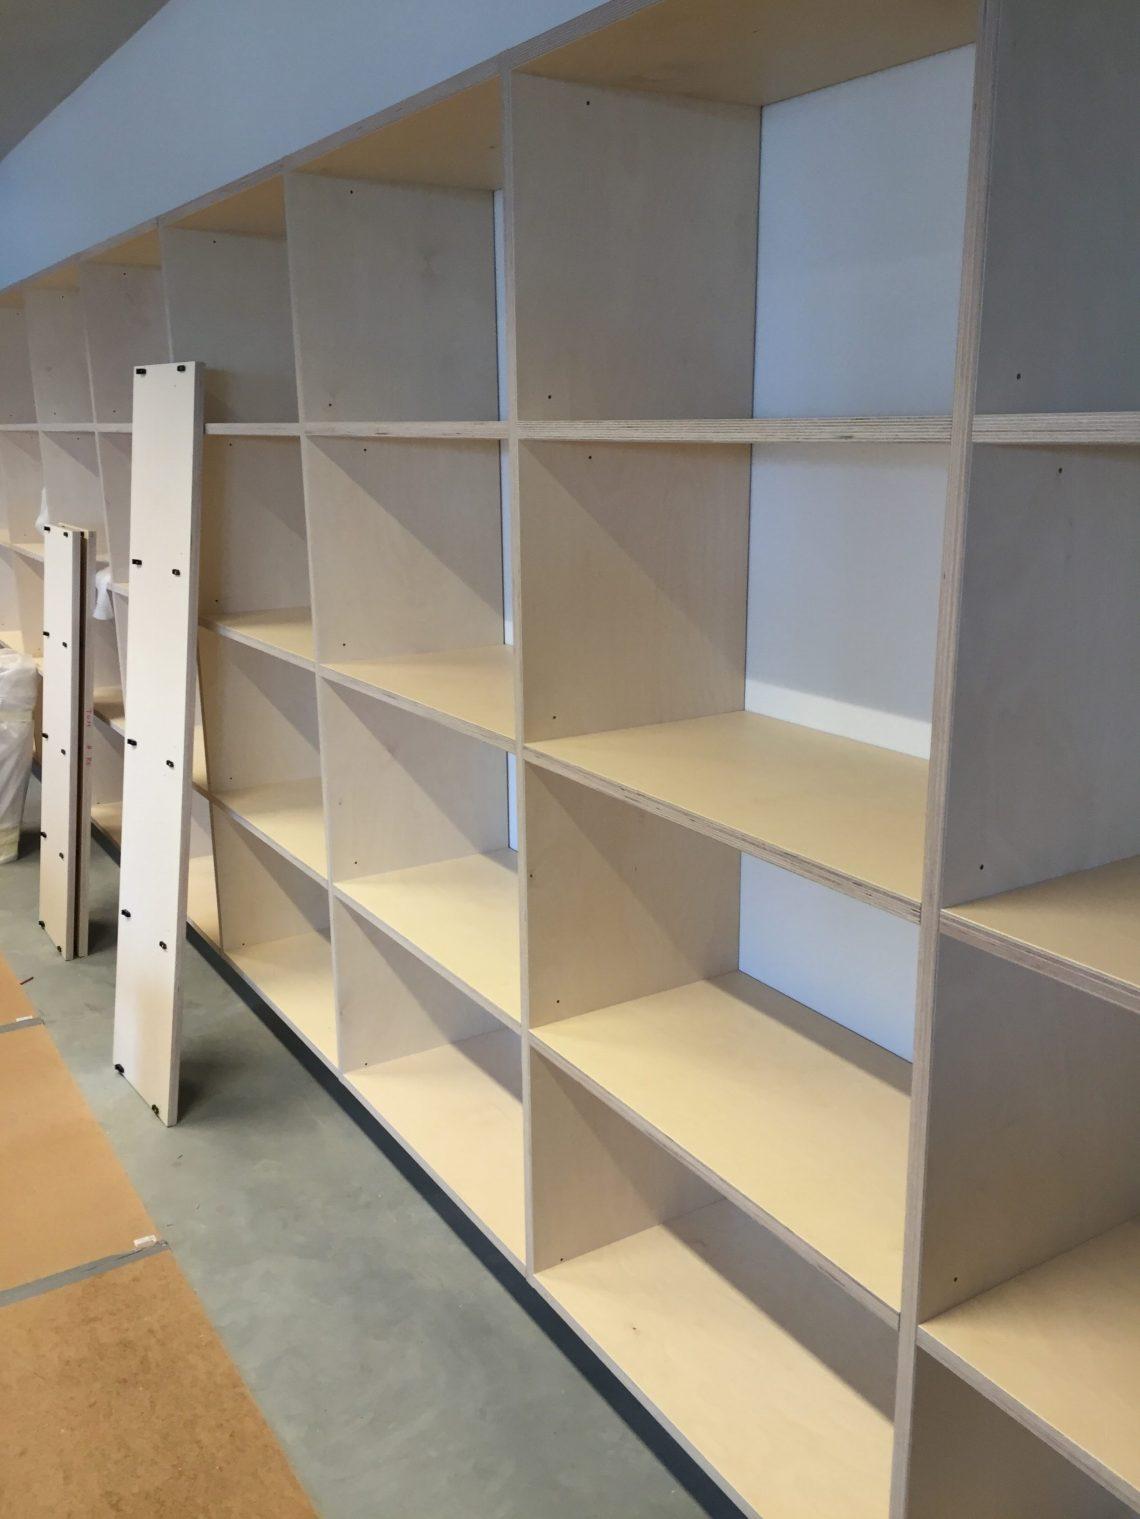 kasten in opbouw e1466859300276 - Bibliotheek Ligne Sittard